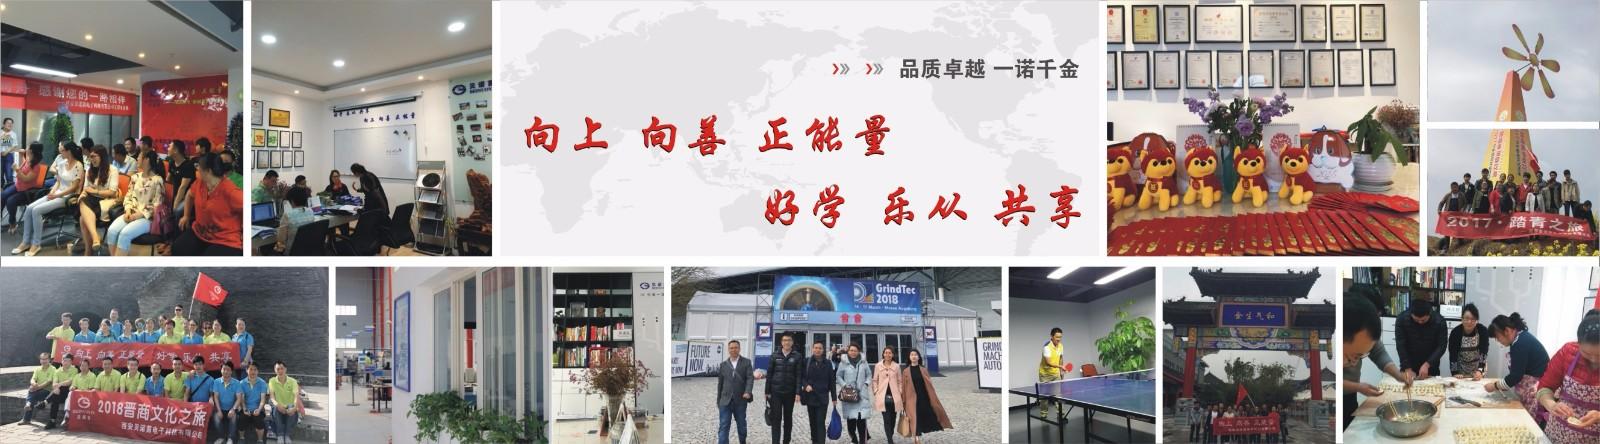 西安贝诺茵——第二十届中国国际光电博览会(CIOE)现场|新闻动态-西安贝诺茵电子科技有限公司